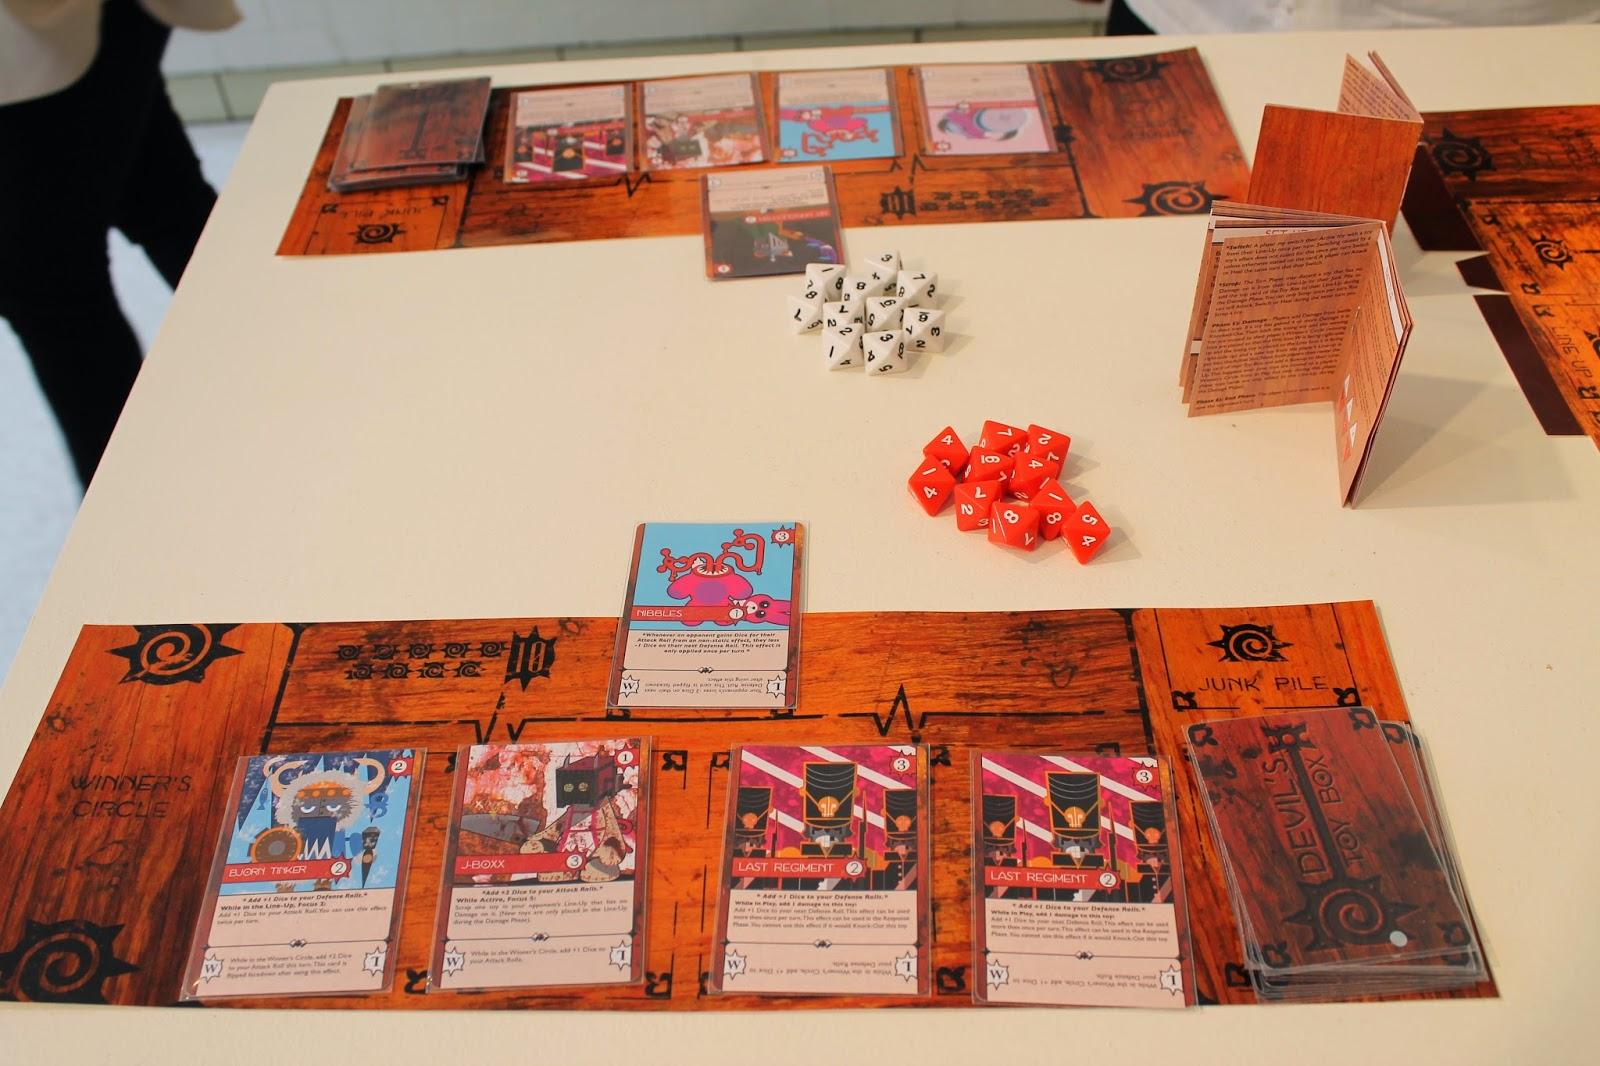 Daniel Brown - Games Design Dissertation